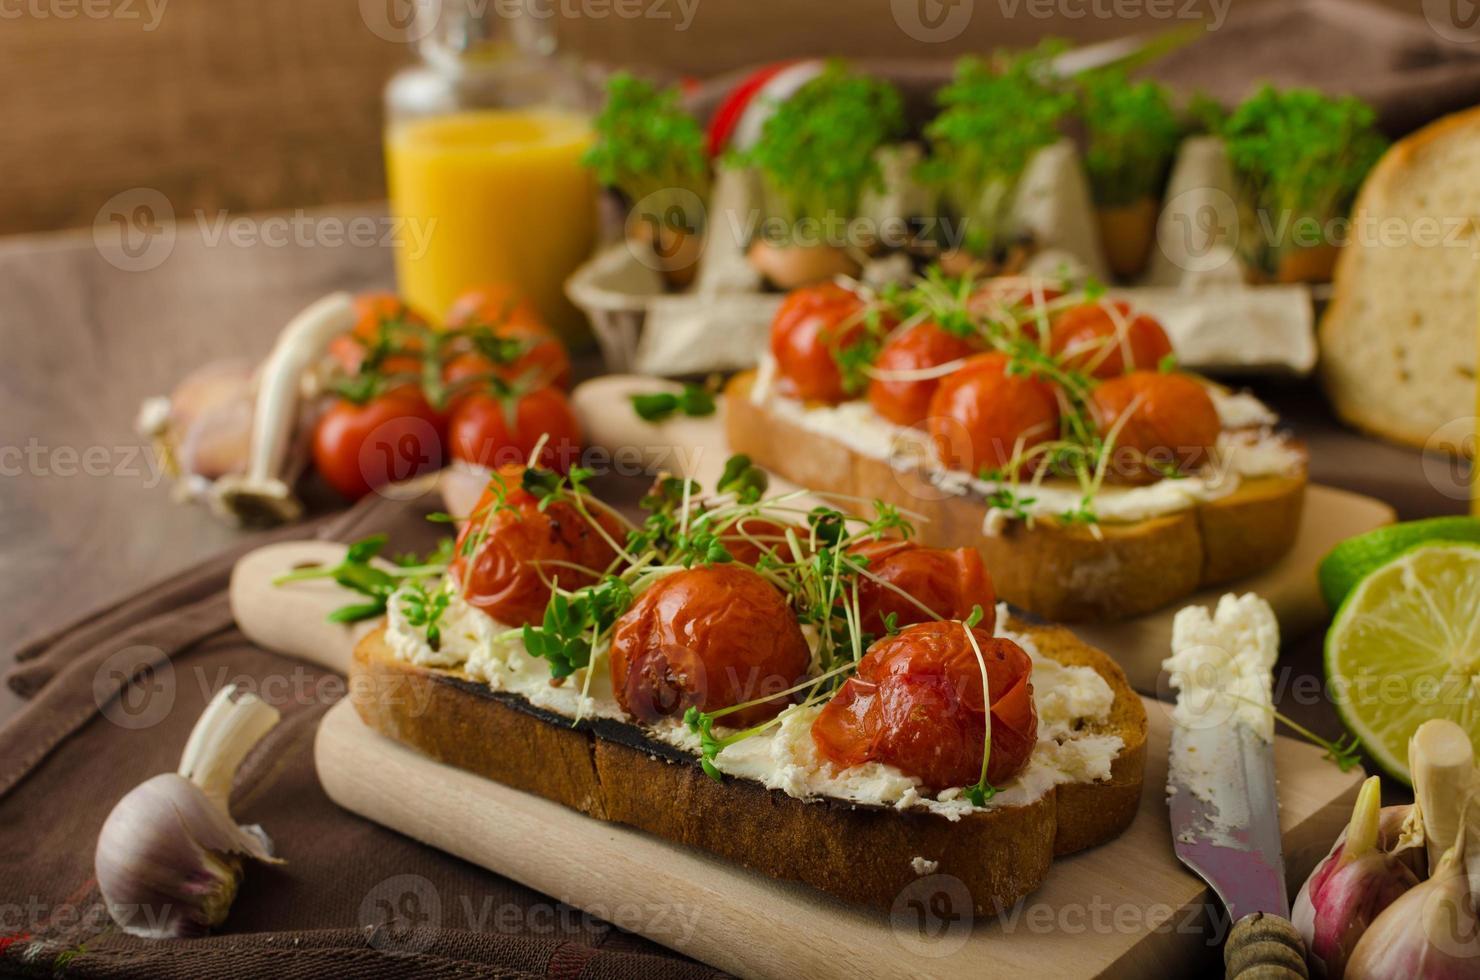 Roasted Cherry Tomato Sauce and Ricotta on Toast photo